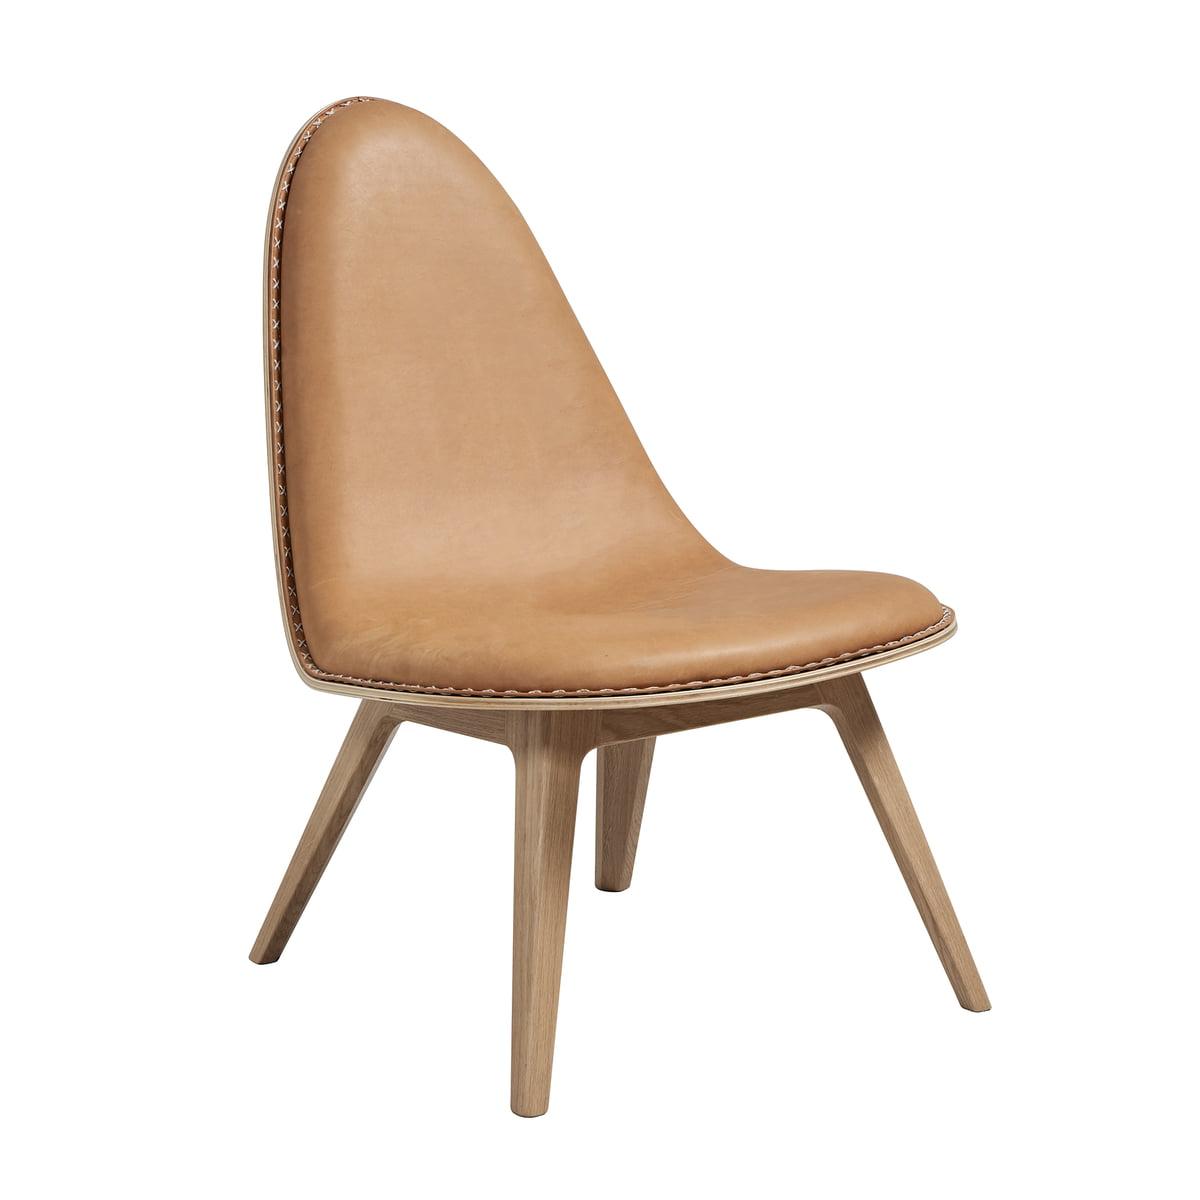 SACK it ApS Sack it - Chaise lounge Nordic, chêne teinté clair/cuir cognac, avec coutures